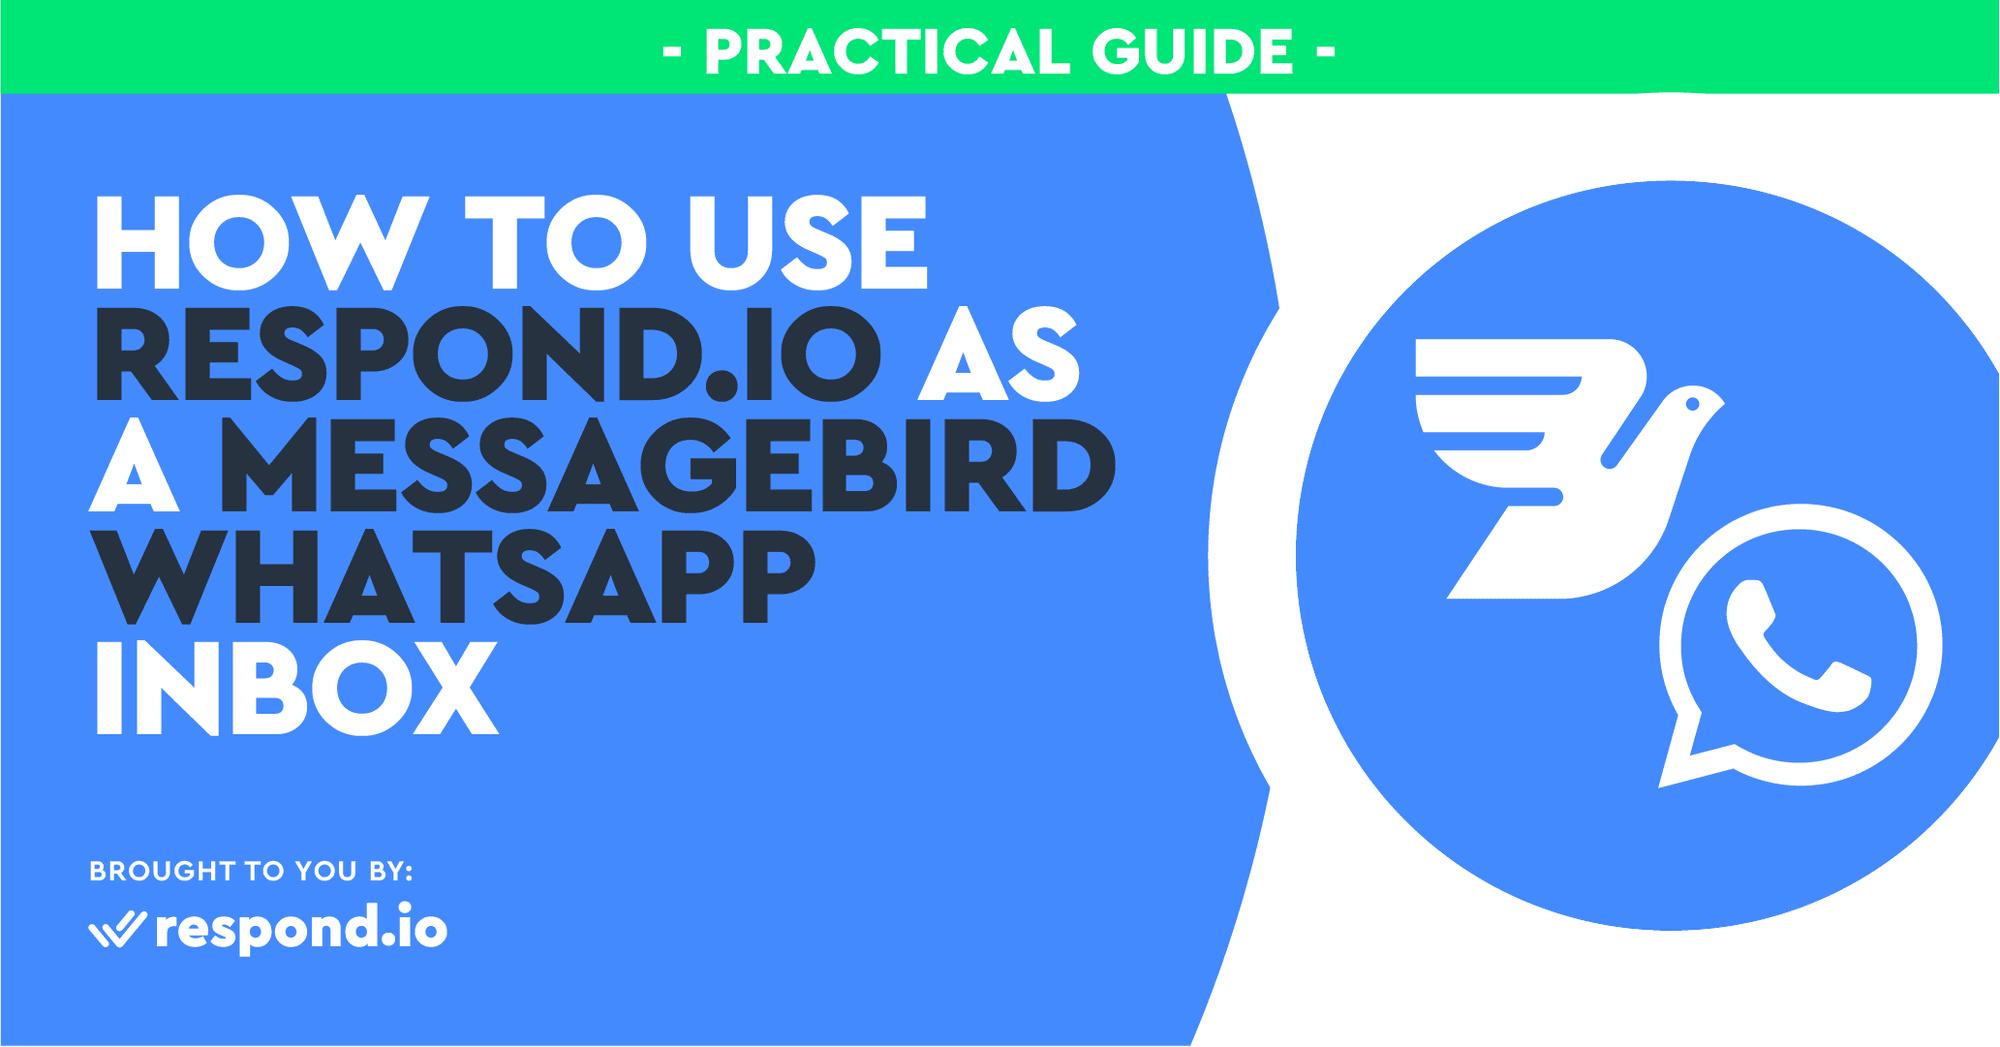 Using Respond.io As a MessageBird WhatsApp Inbox: A Practical Guide (Jul 2021)